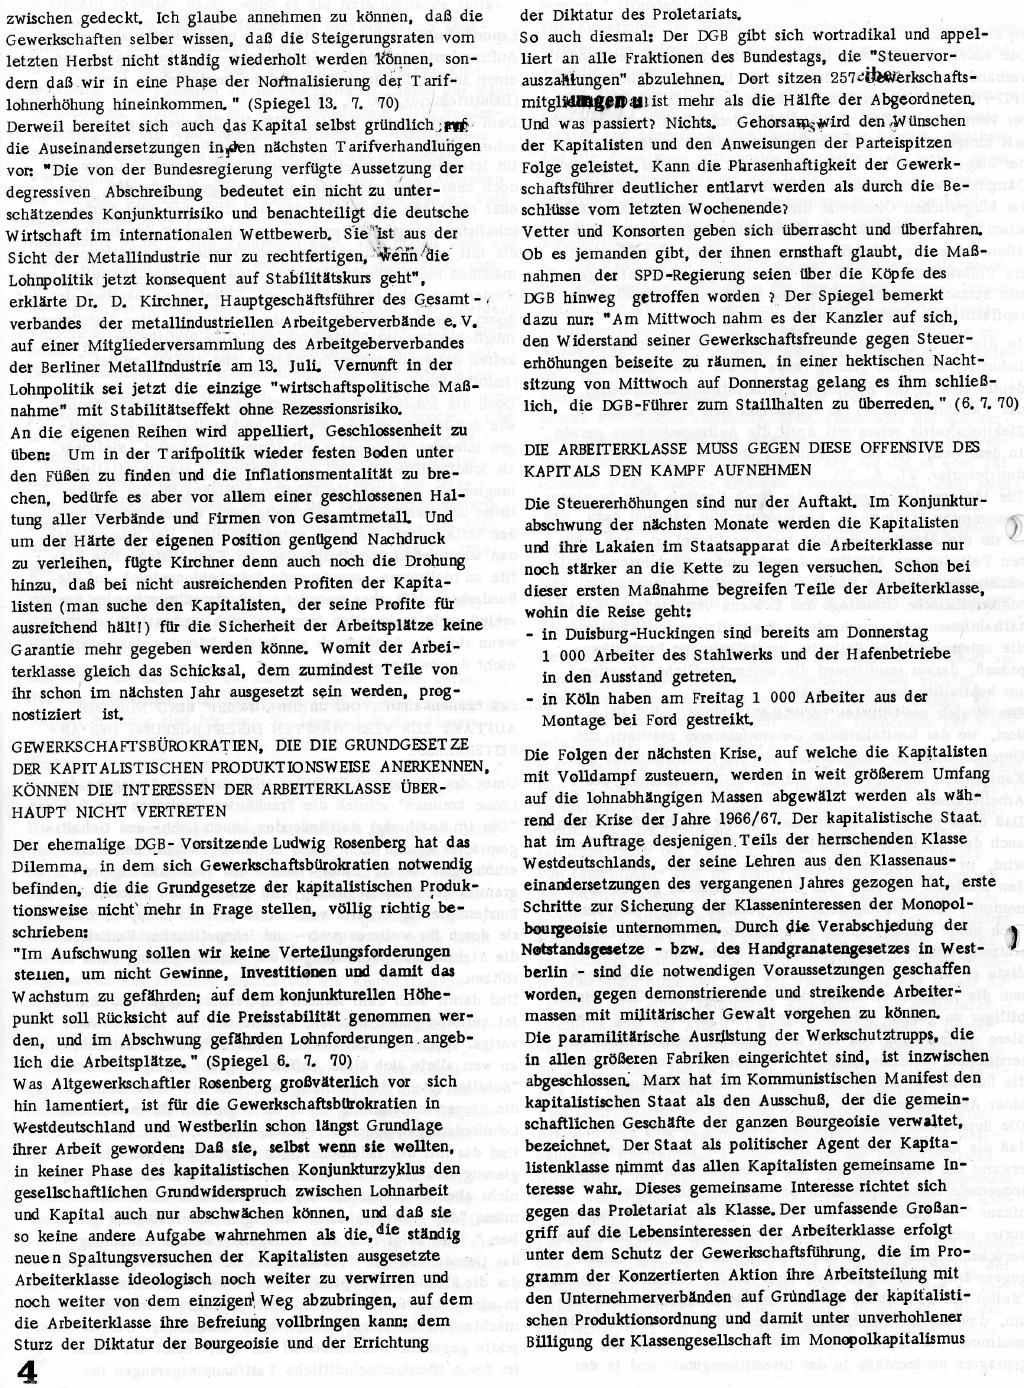 RPK_1970_073_04